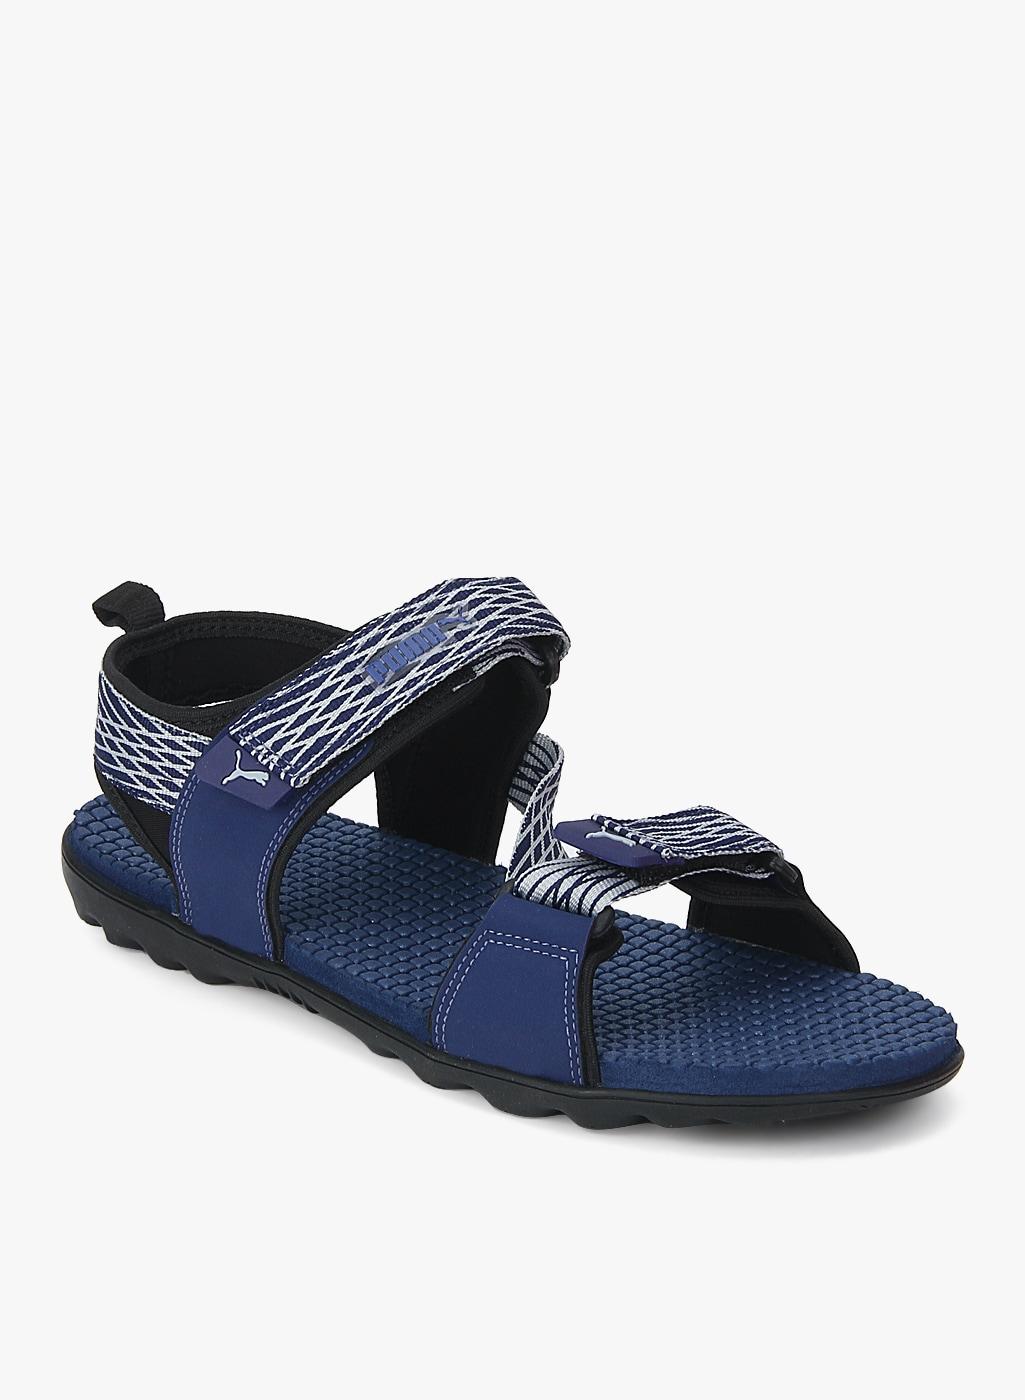 29d4b26d686c02 Puma Vesta Sdl Ind. Blue Floaters for Men online in India at Best ...